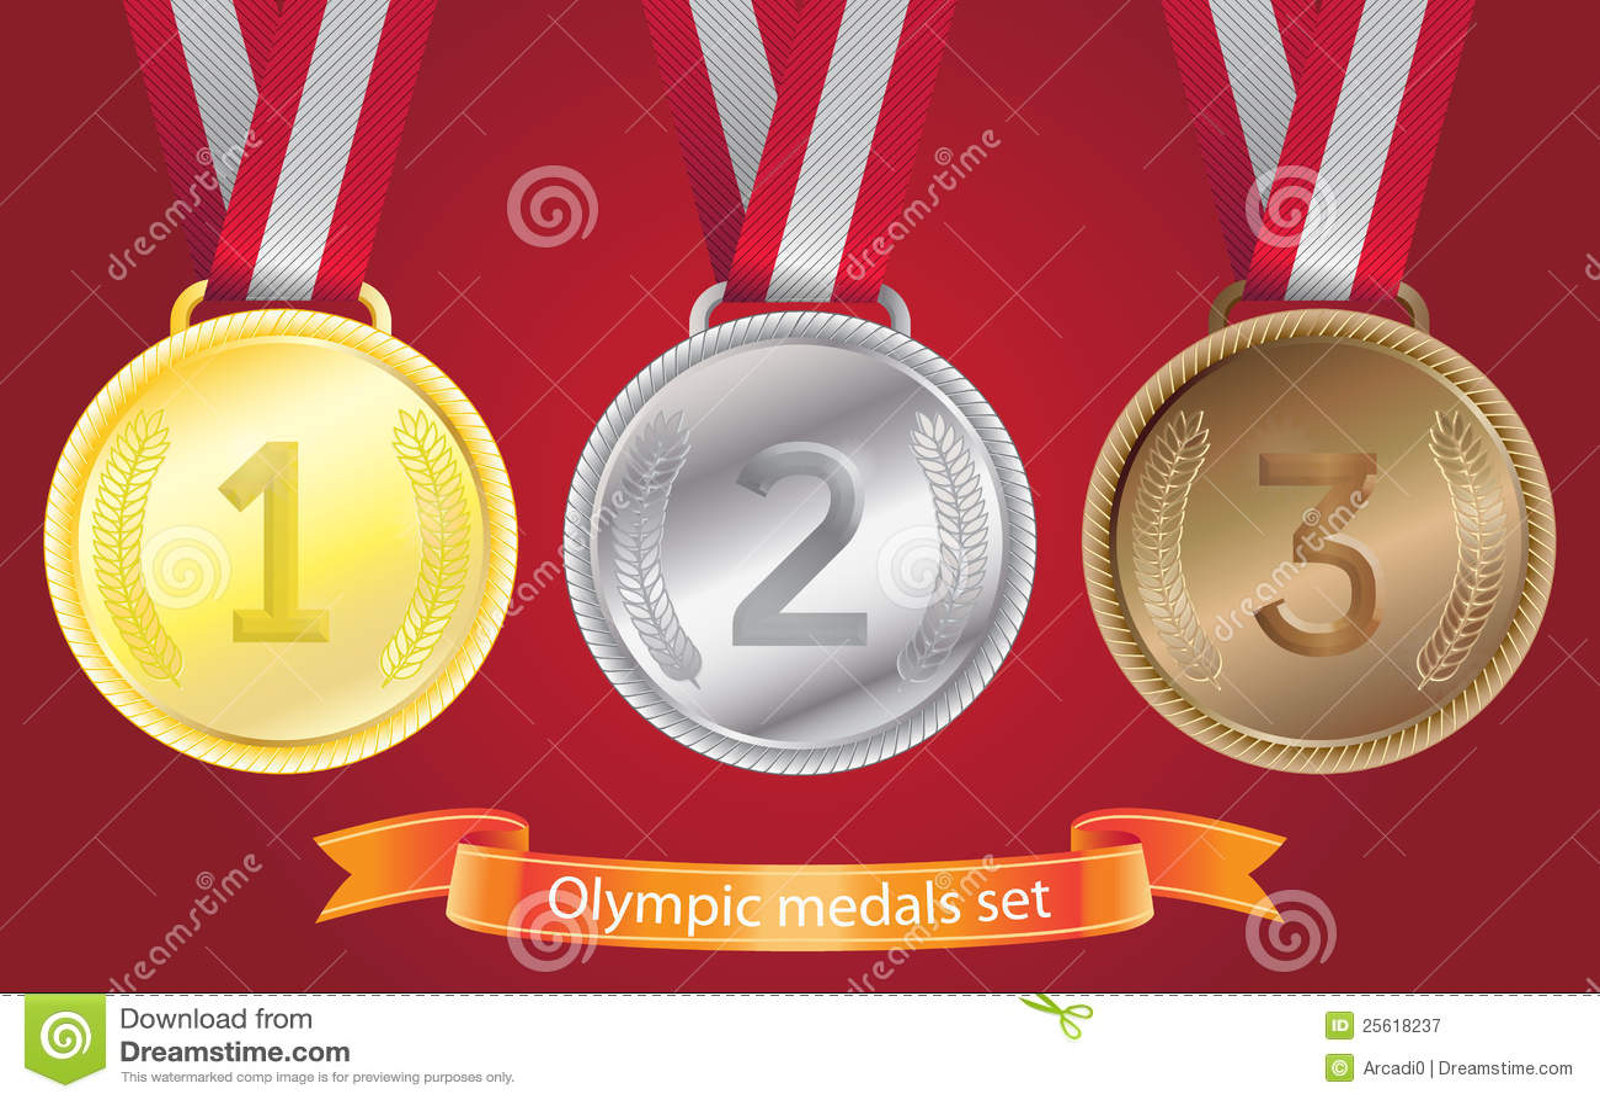 Olympische geplaatste medailles - goud, zilver, brons